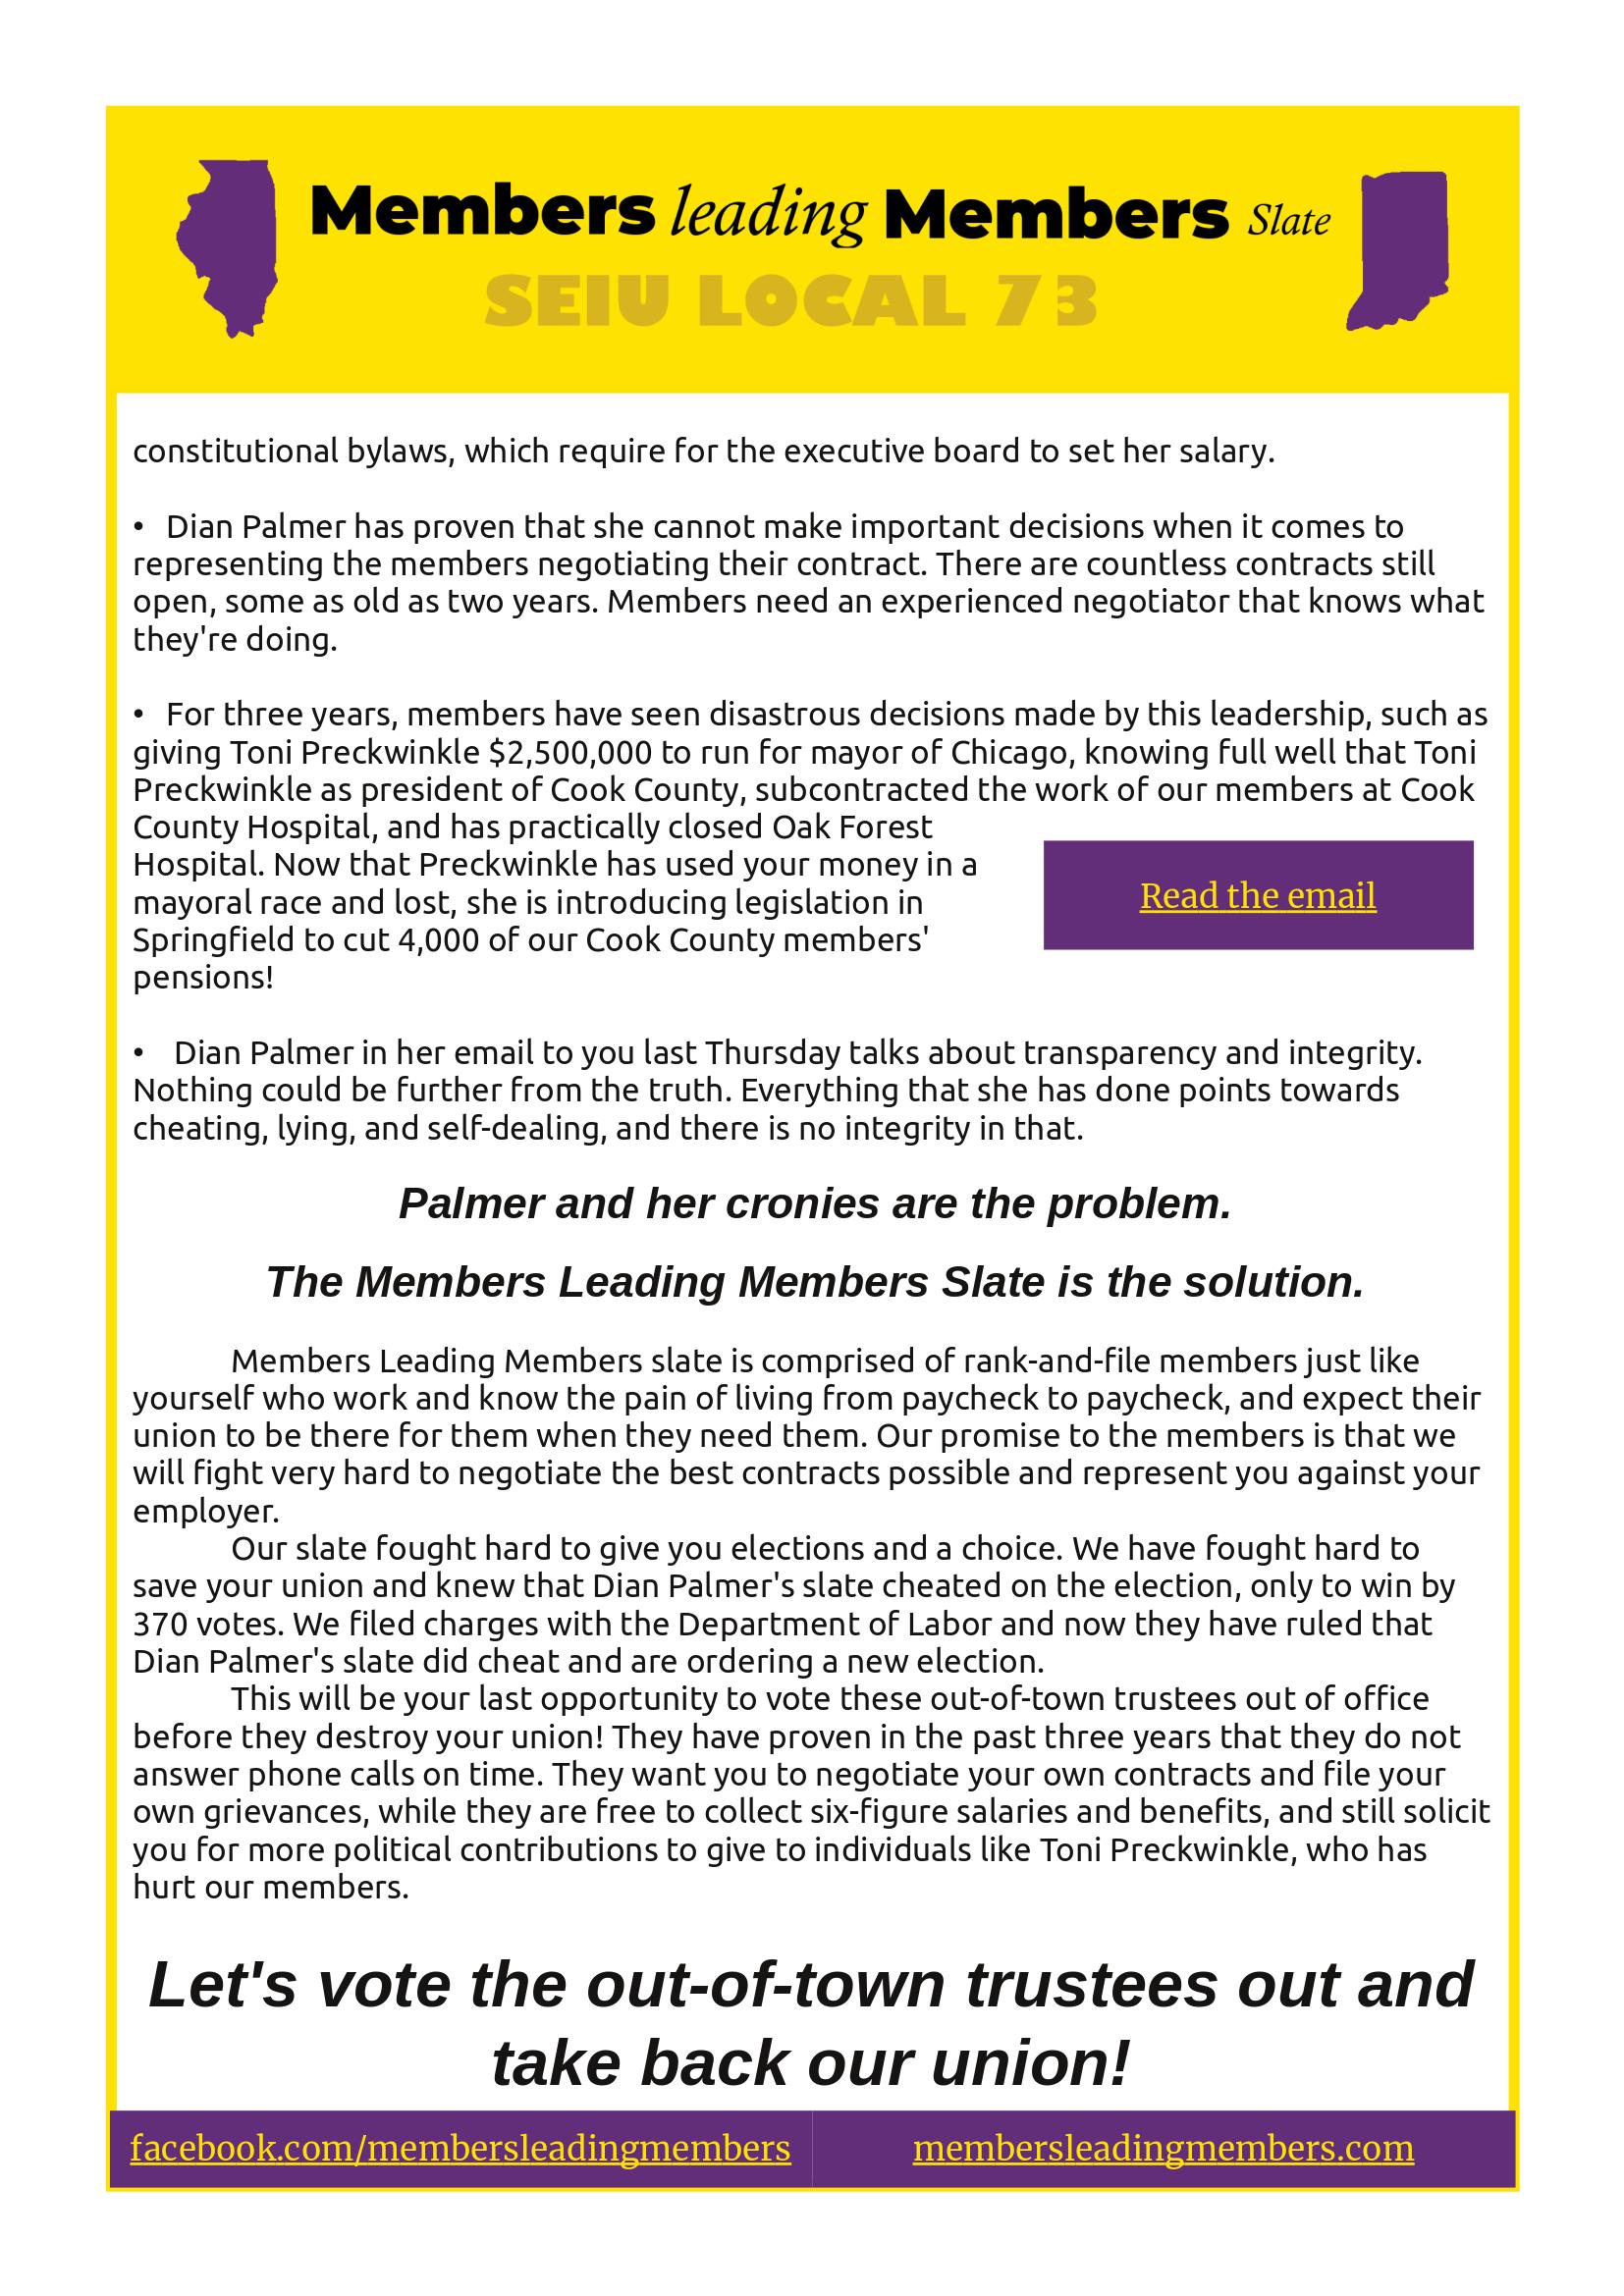 Members Leading Members Flier 05-26-2019-page002.png